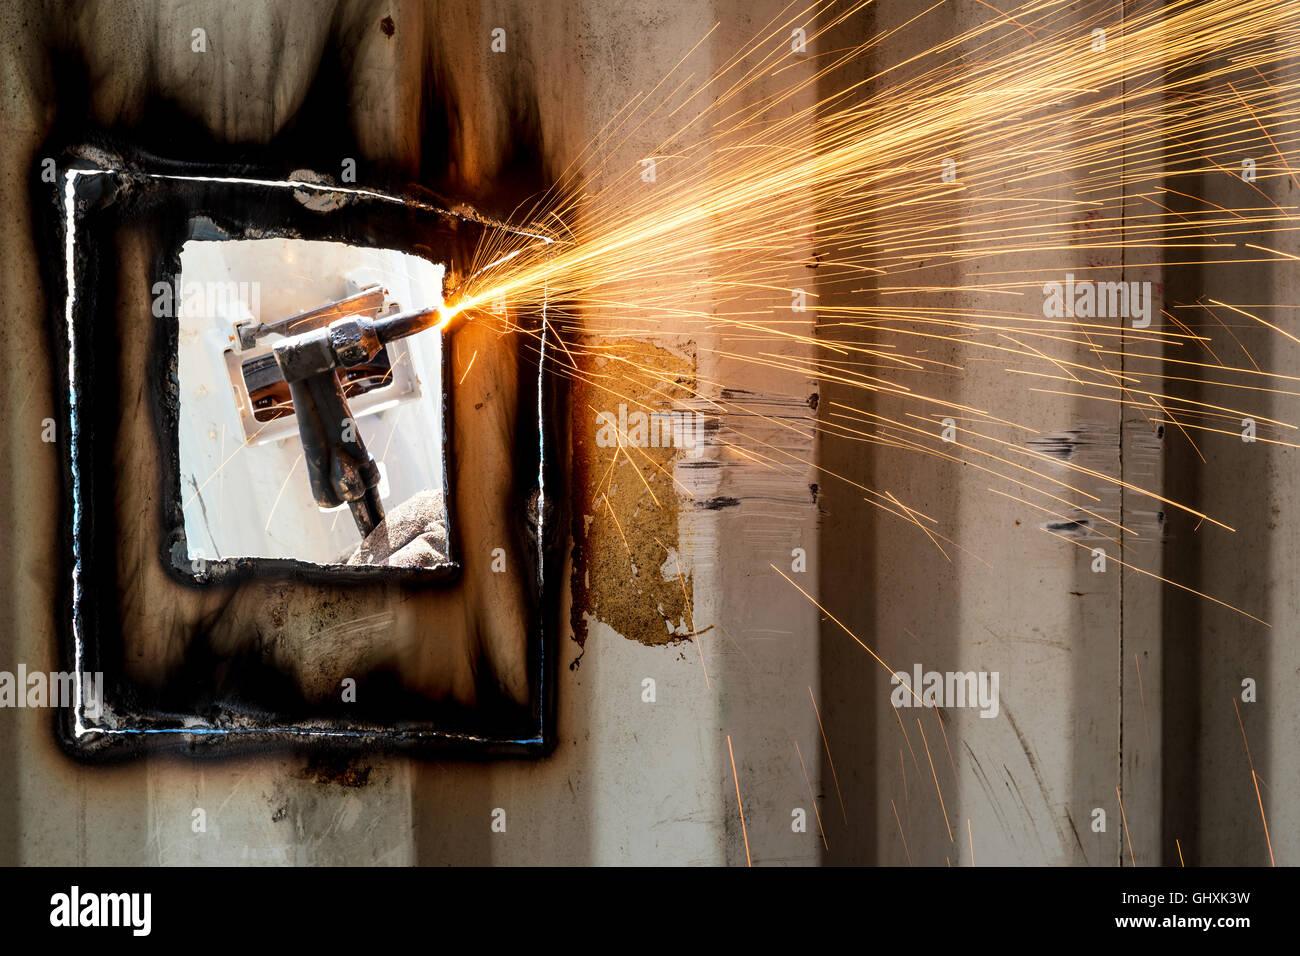 Trabajador de la industria del acero con soldadura de reparación de estructuras de contenedor taller de fabricación Imagen De Stock